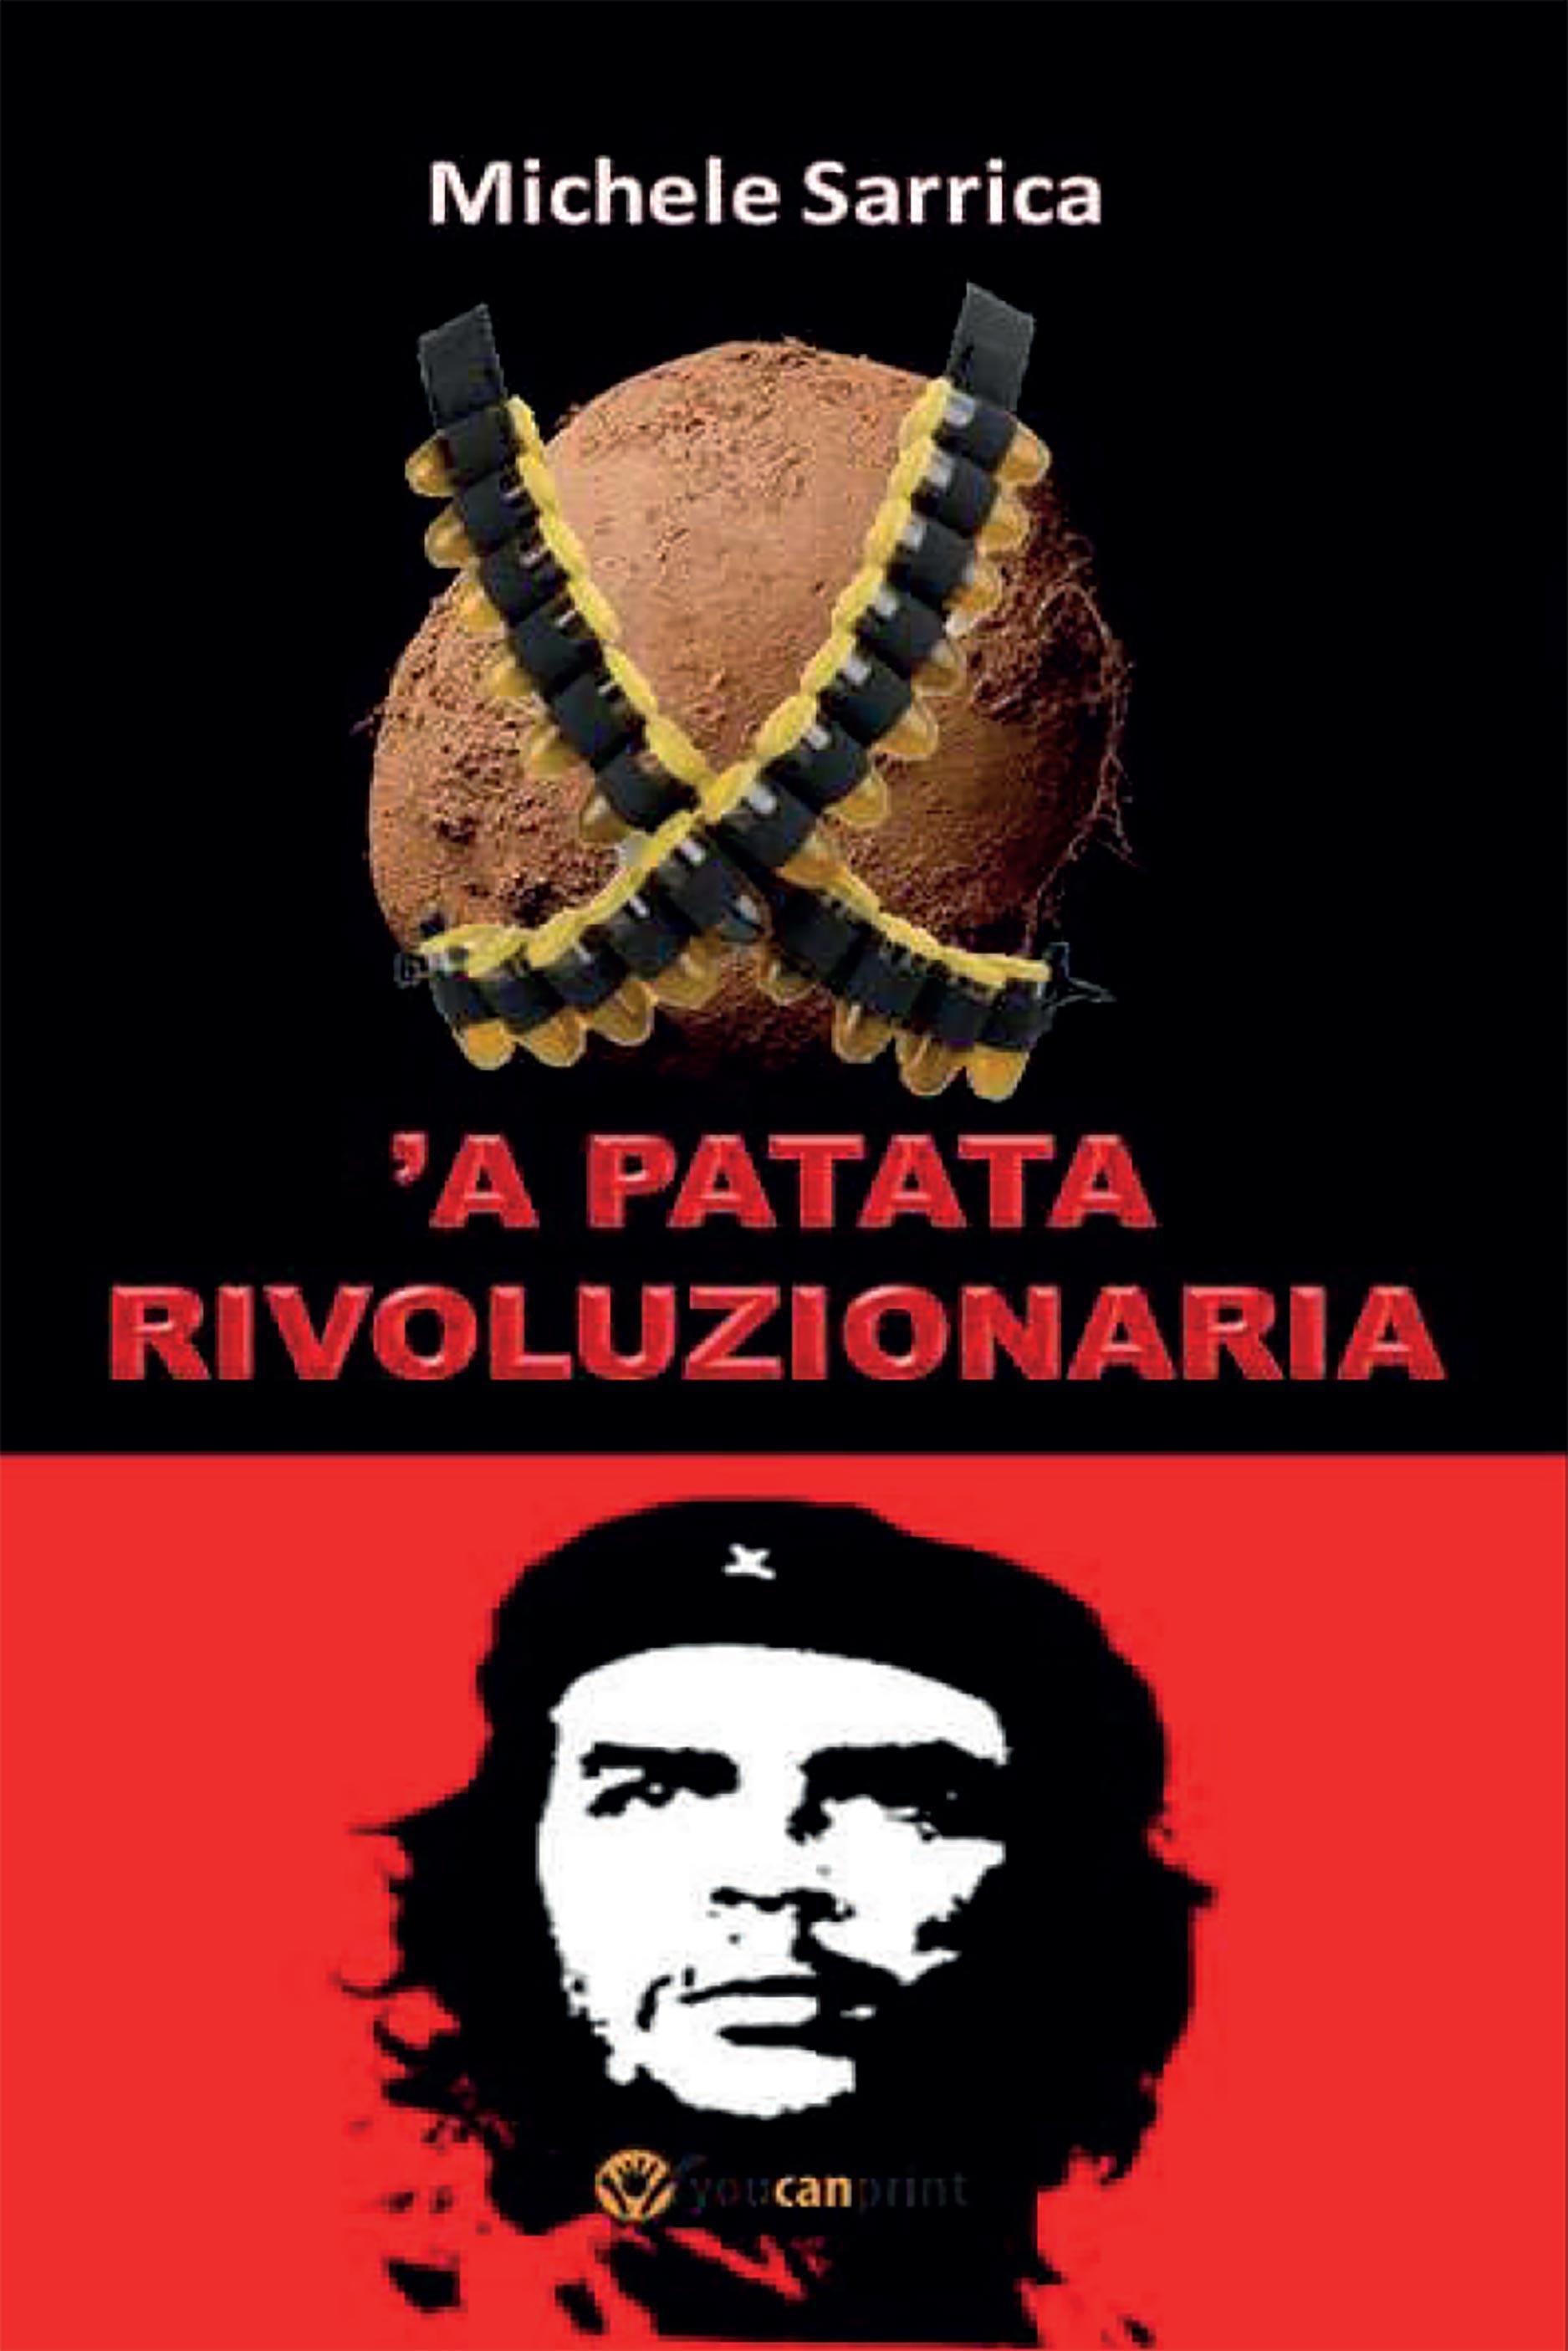 'a patata rivoluzionaria